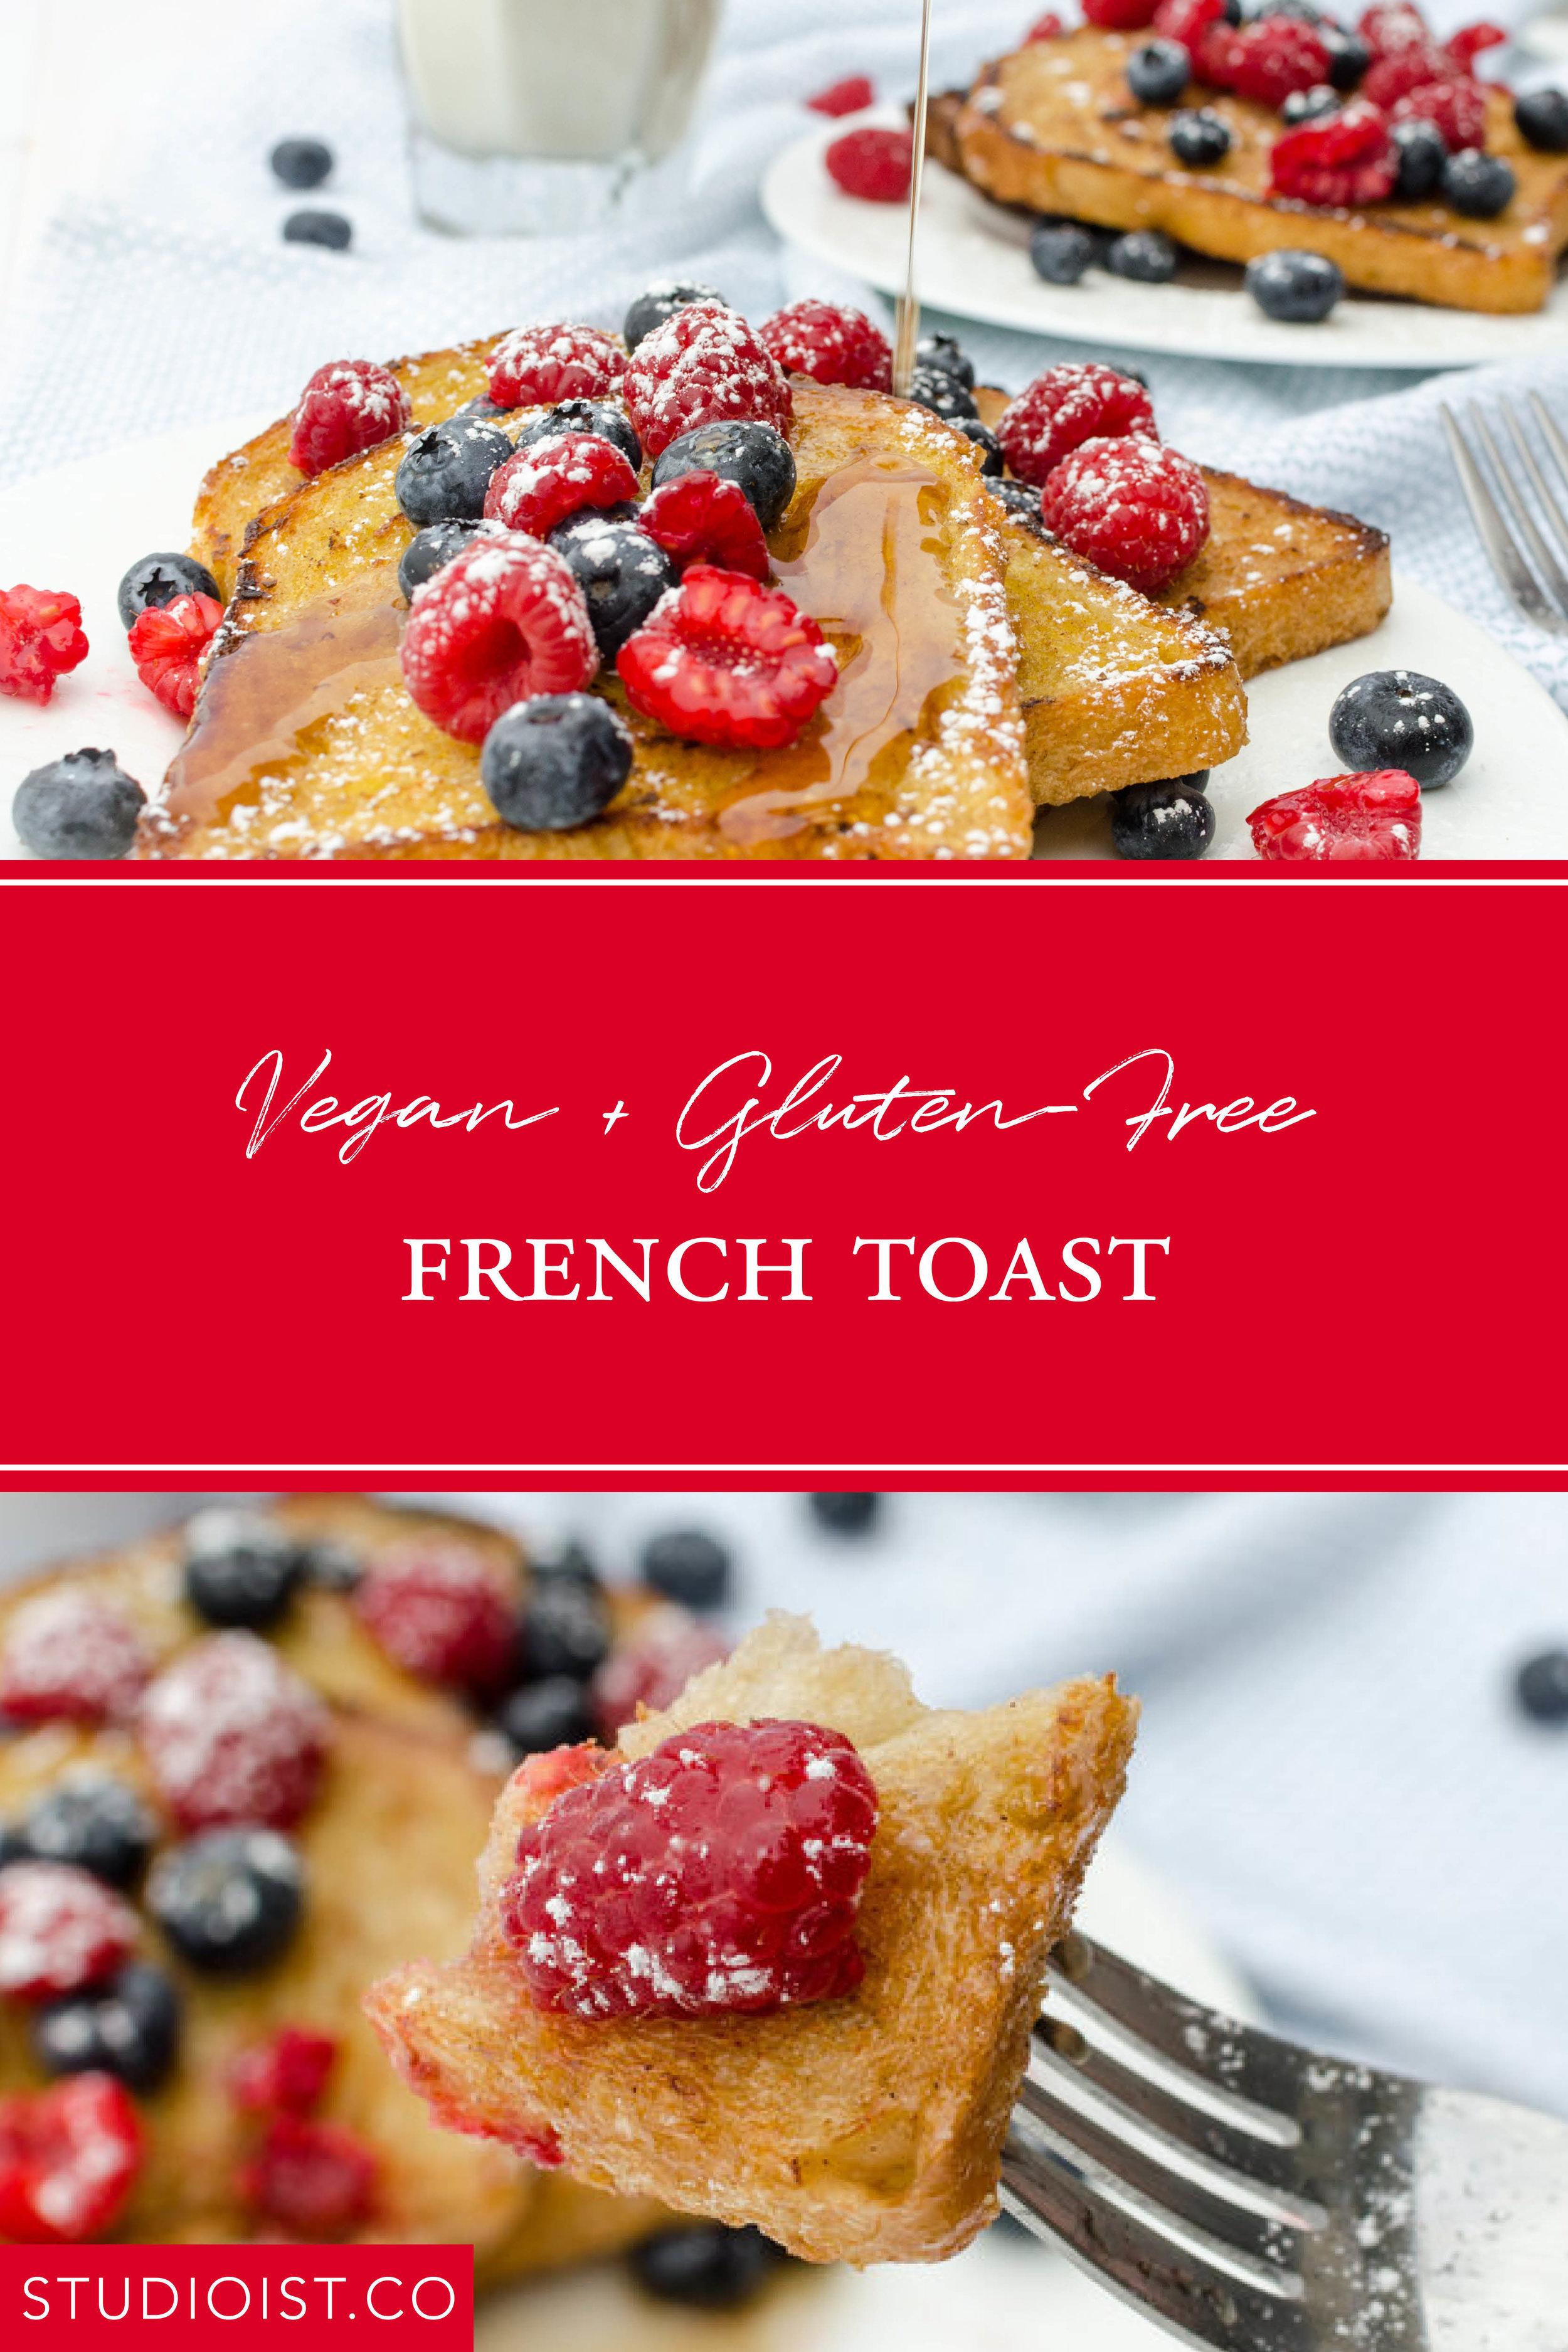 Studioist_Pinterest Design_French Toast2.jpg